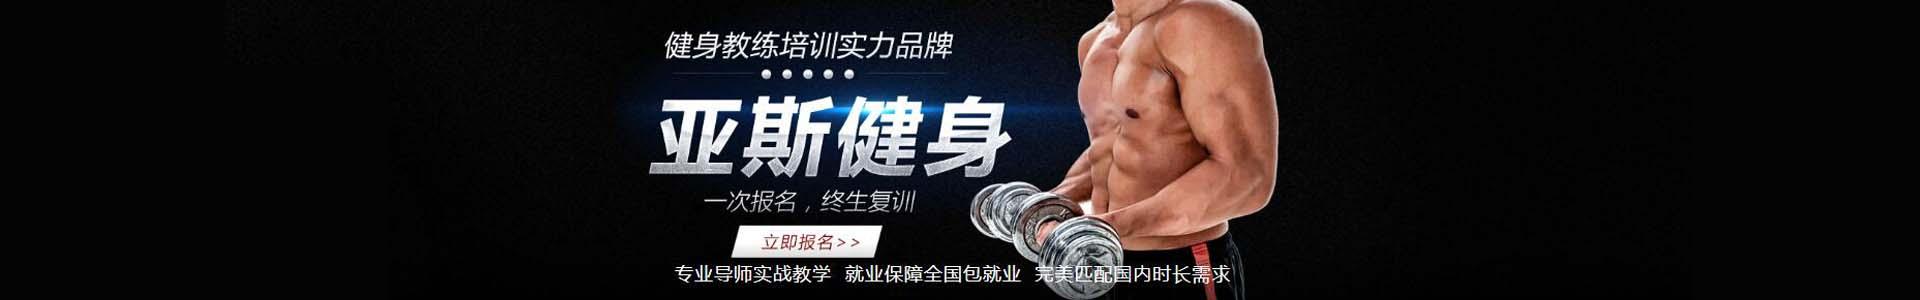 鄭州亞斯健身學院